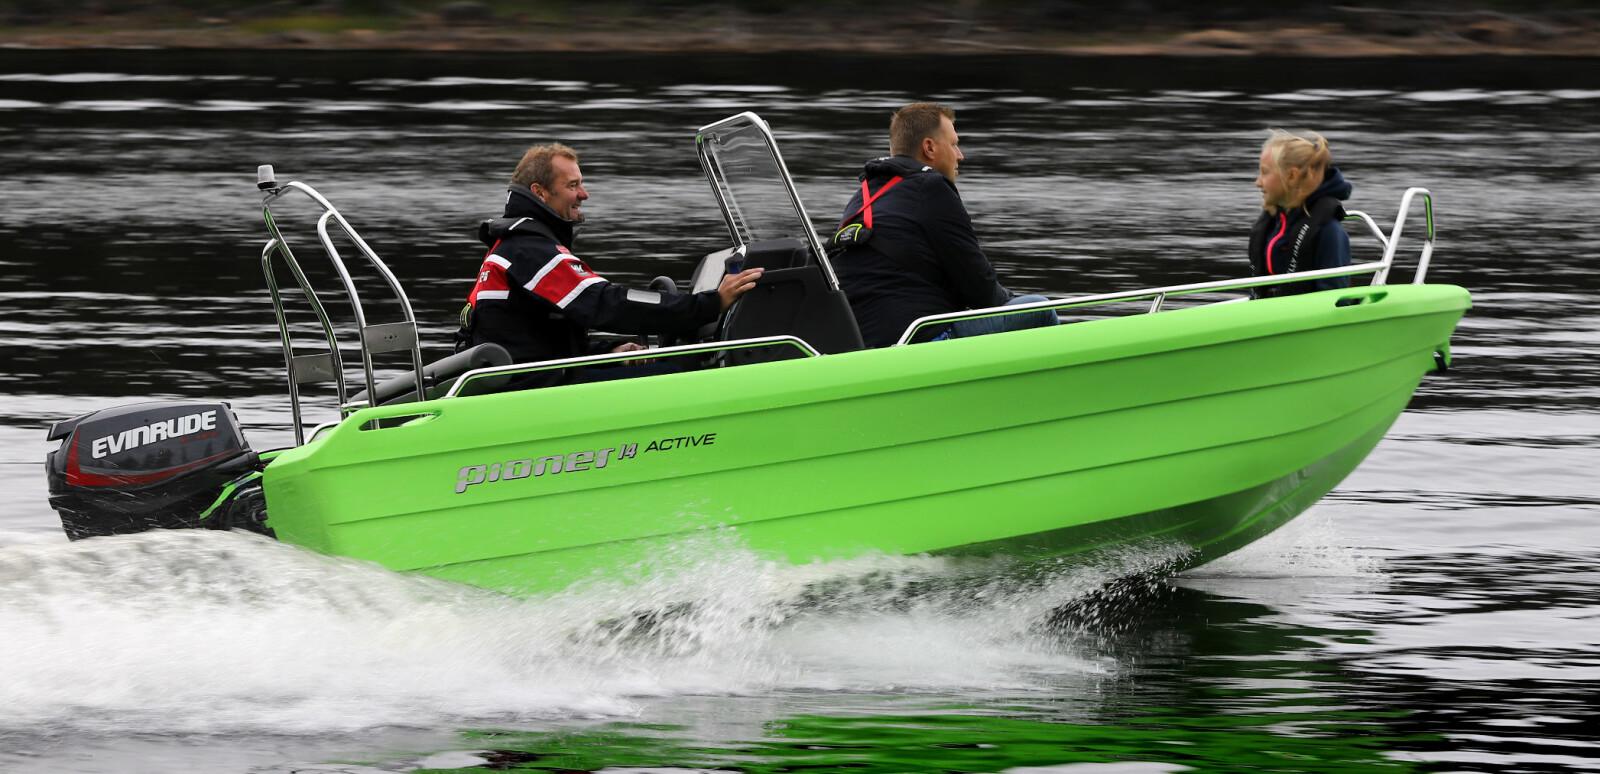 LITEN, MEN STOR: Pioner 14 Active har bredt bruksområde selv om den fortsatt har mange småbåtfortrinn i behold.